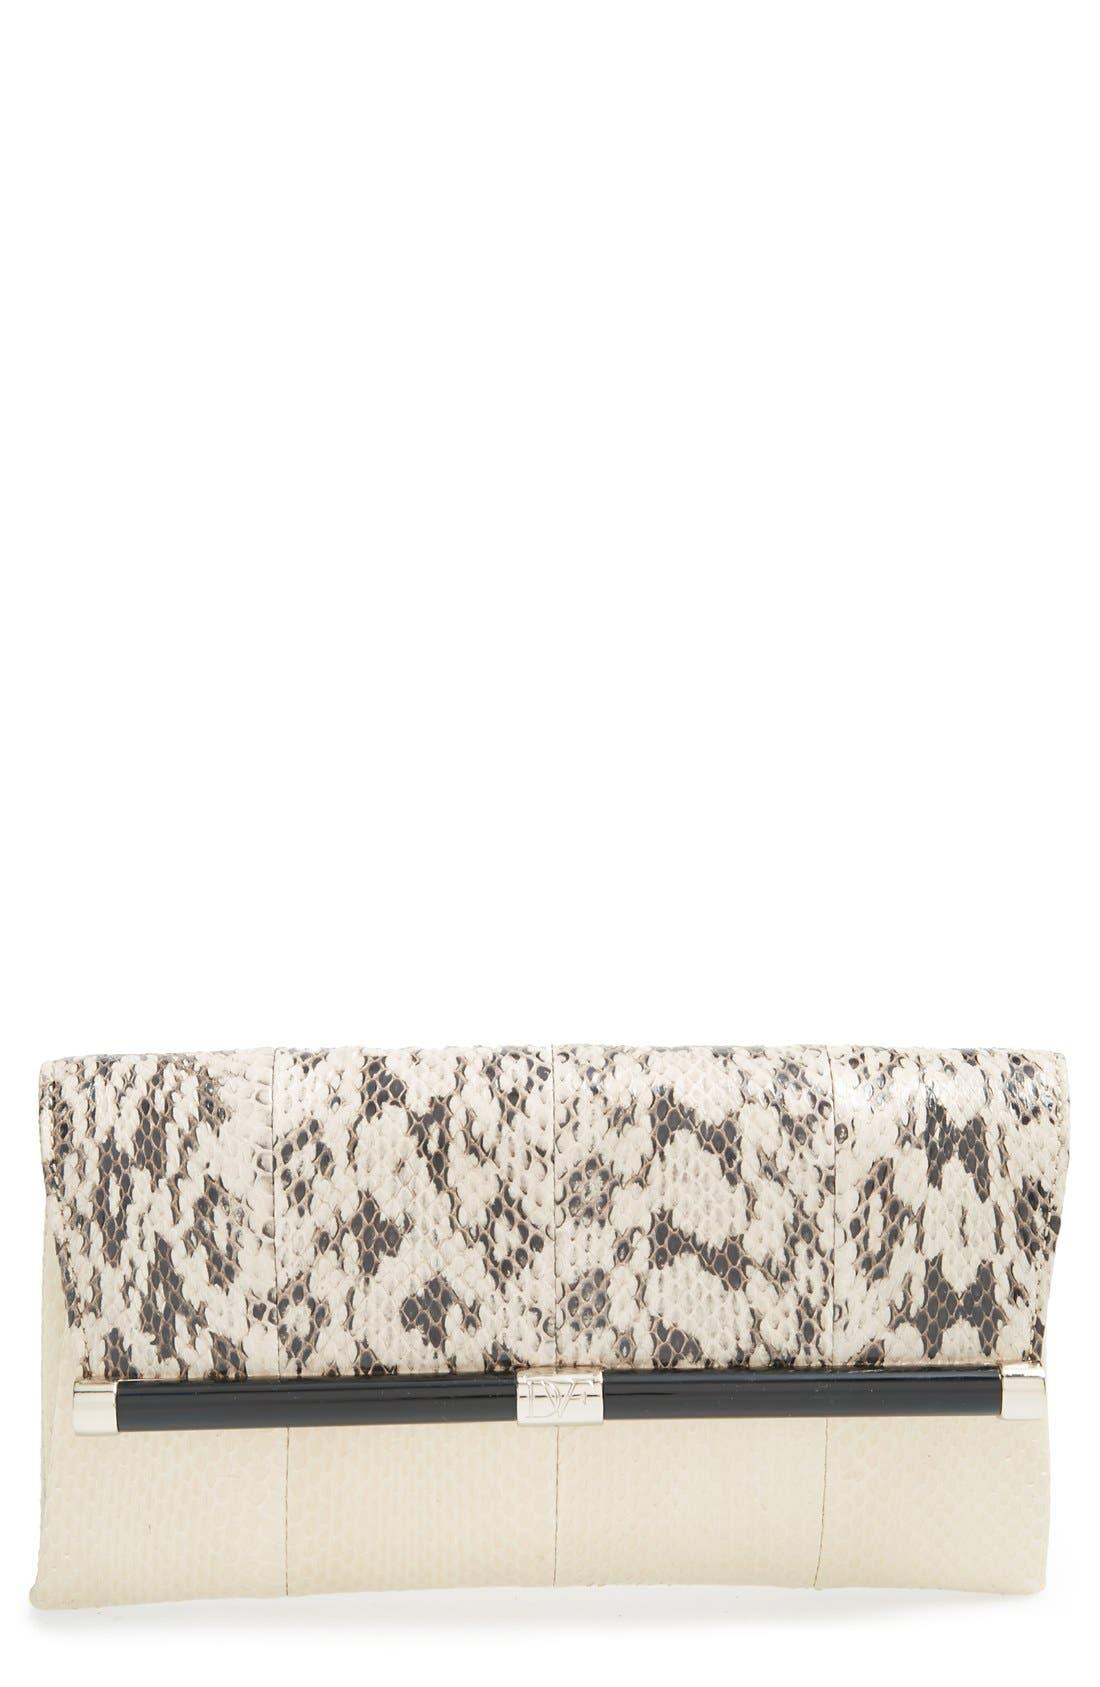 DIANE VON FURSTENBERG '440' Genuine Snakeskin Envelope Clutch, Main, color, 100